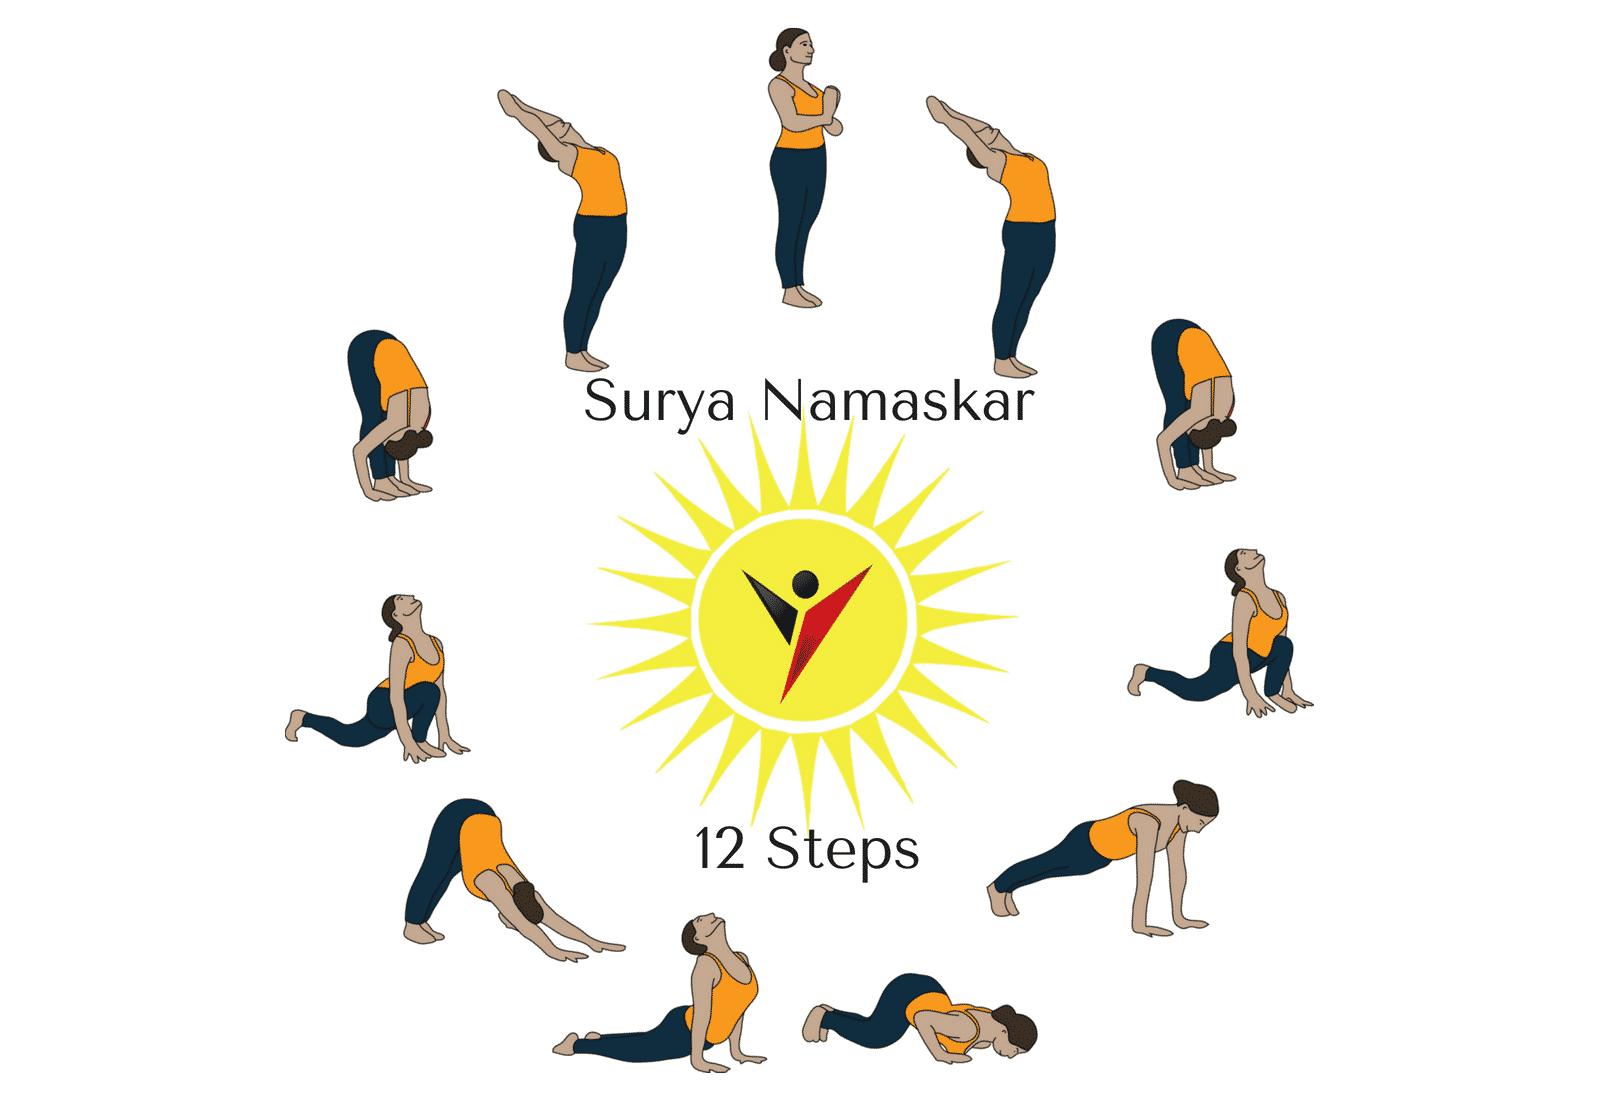 Surya Namaskar Pose Benefits